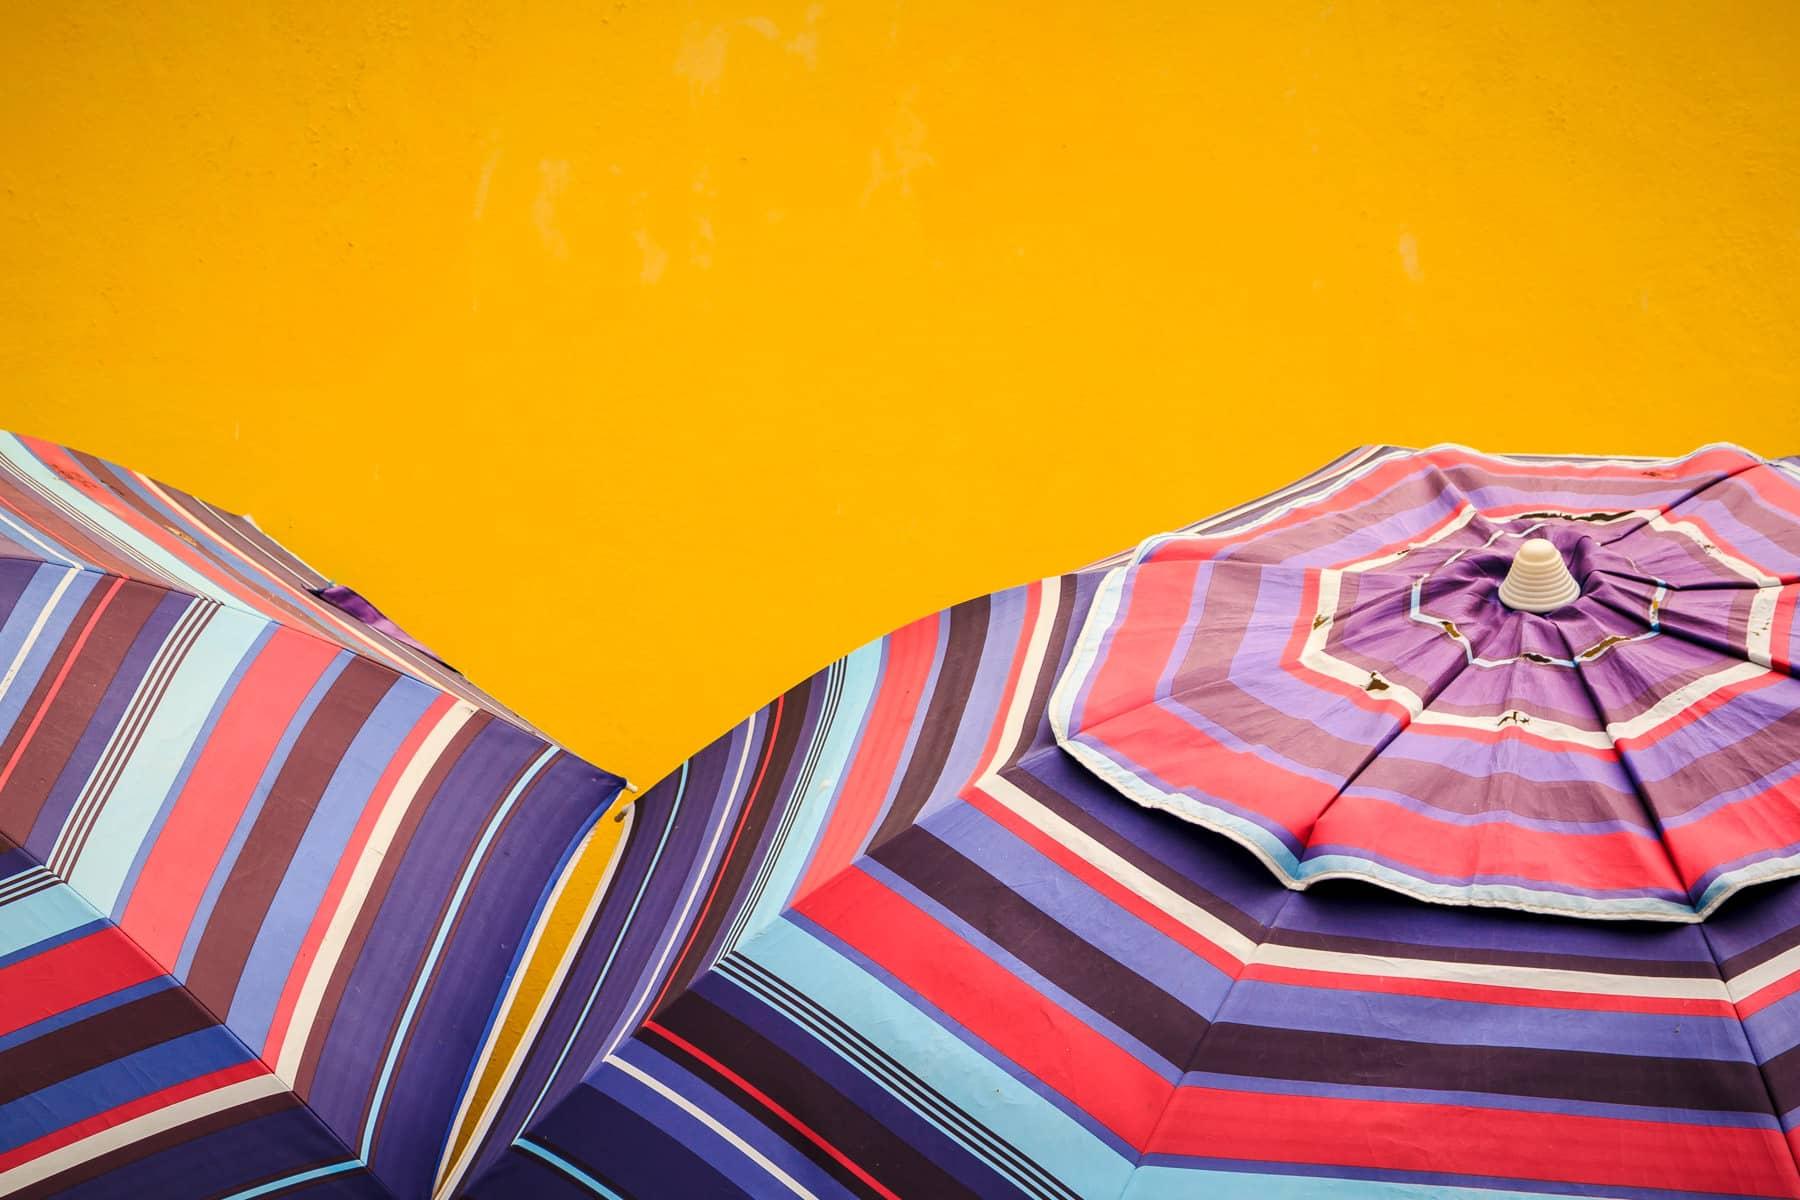 Multi-colored umbrellas spotted in Cozumel, Mexico.